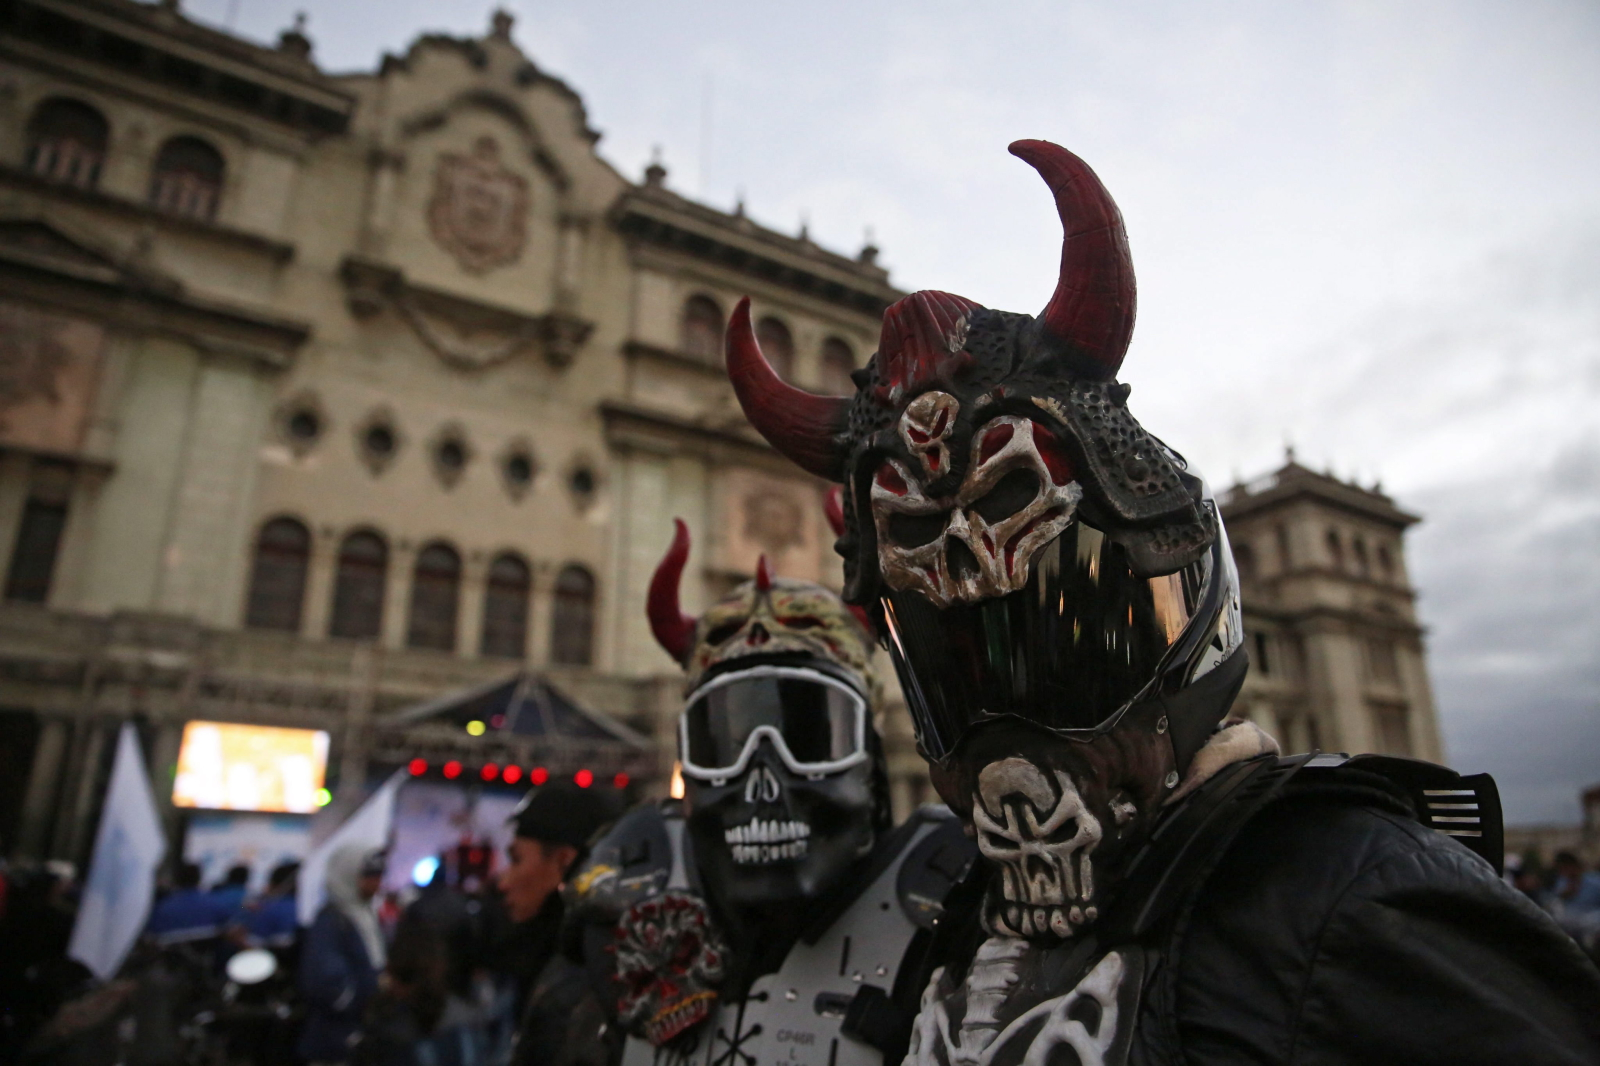 Motocykliści z Guatemali pozują do zdjęć przed wyruszeniem na pielgrzymkę do Cristo Negro.